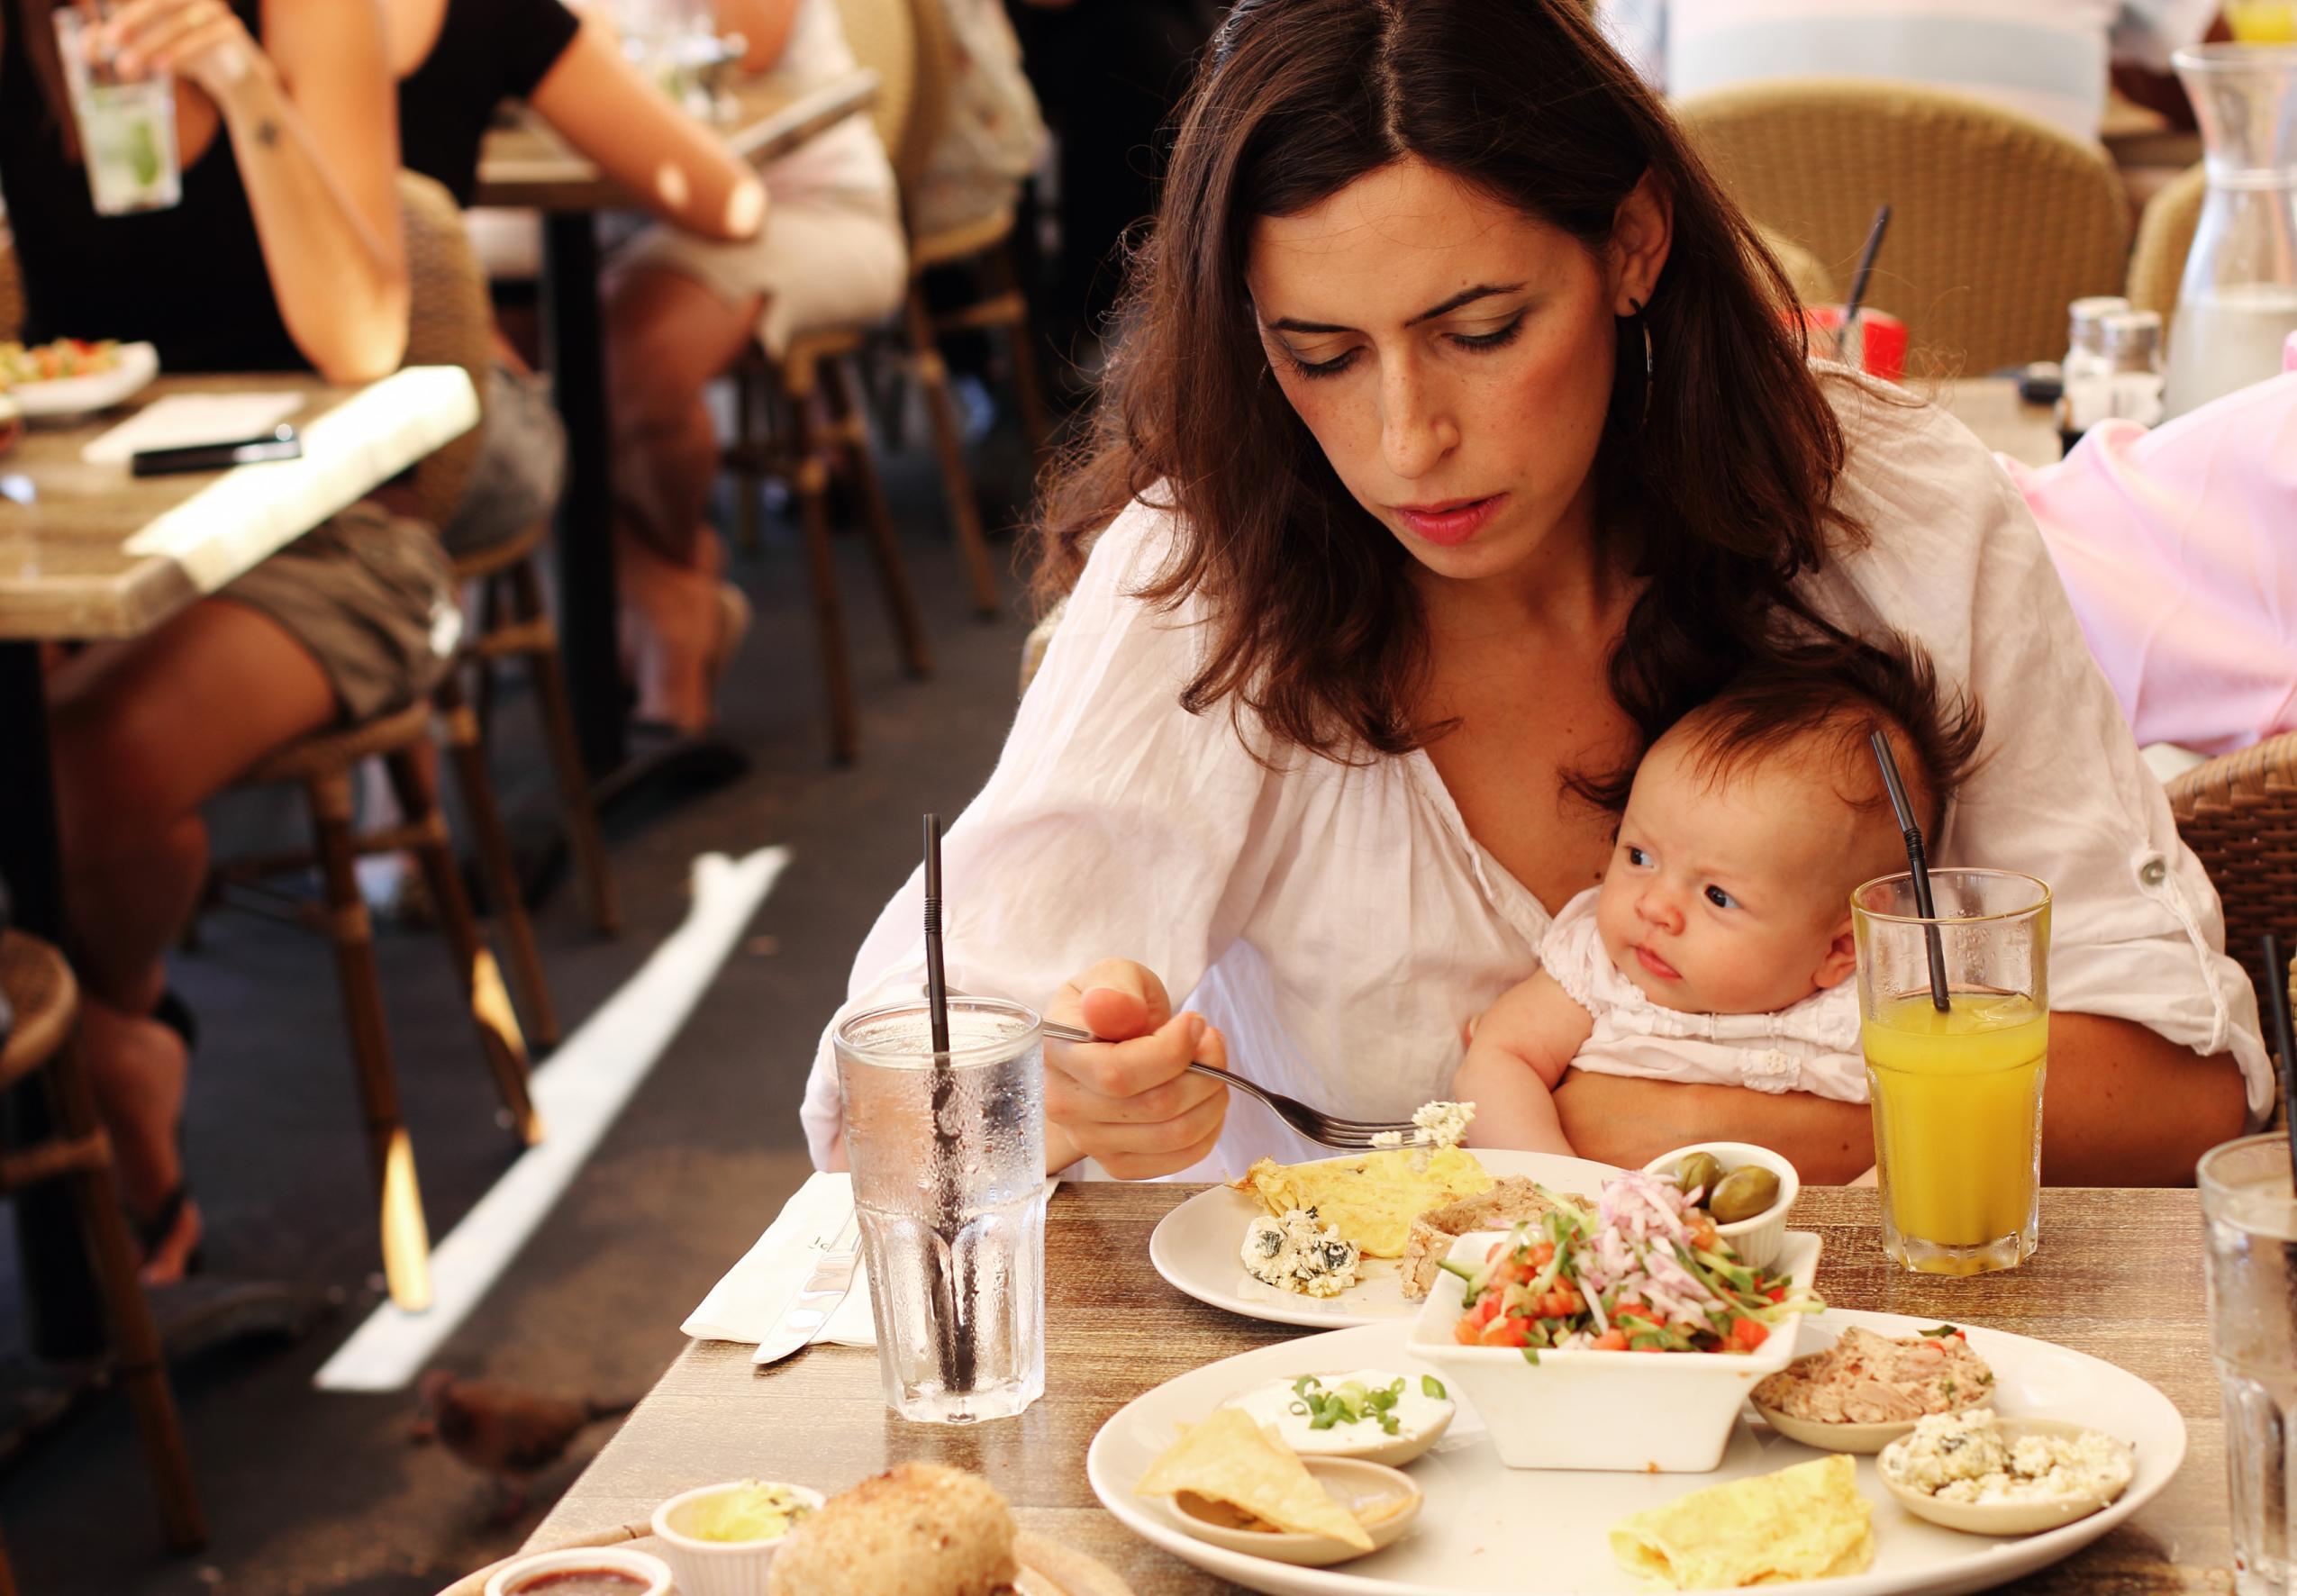 Один из ресторанов Рима запретил вход с детьми до 5 лет